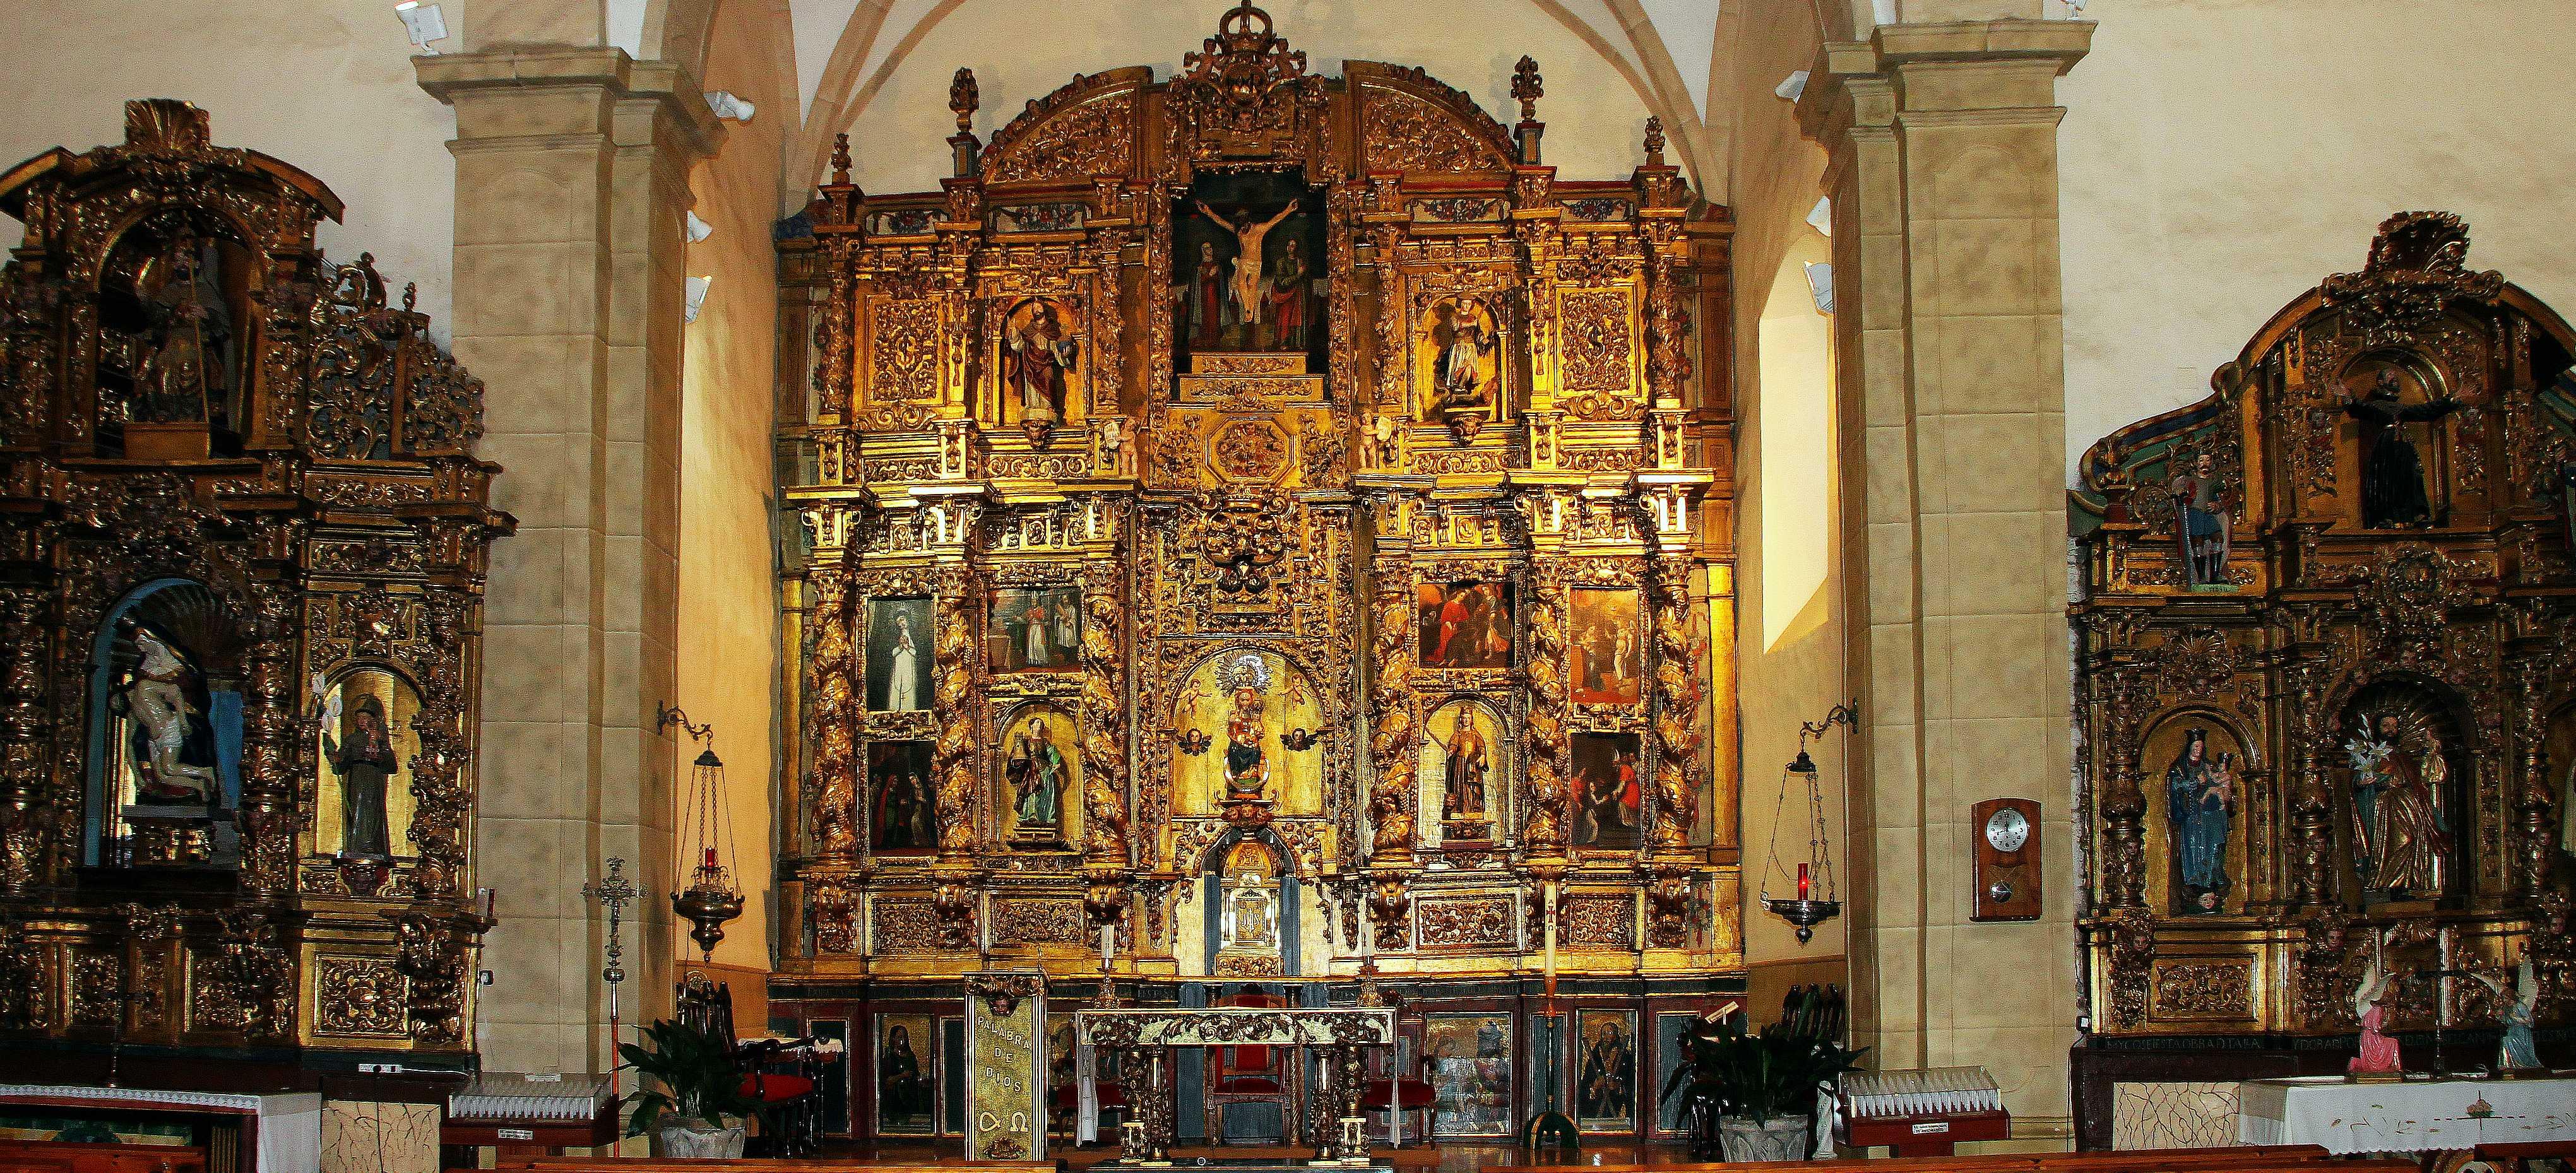 Iglesia Nuestra Señora de la Asunción 2